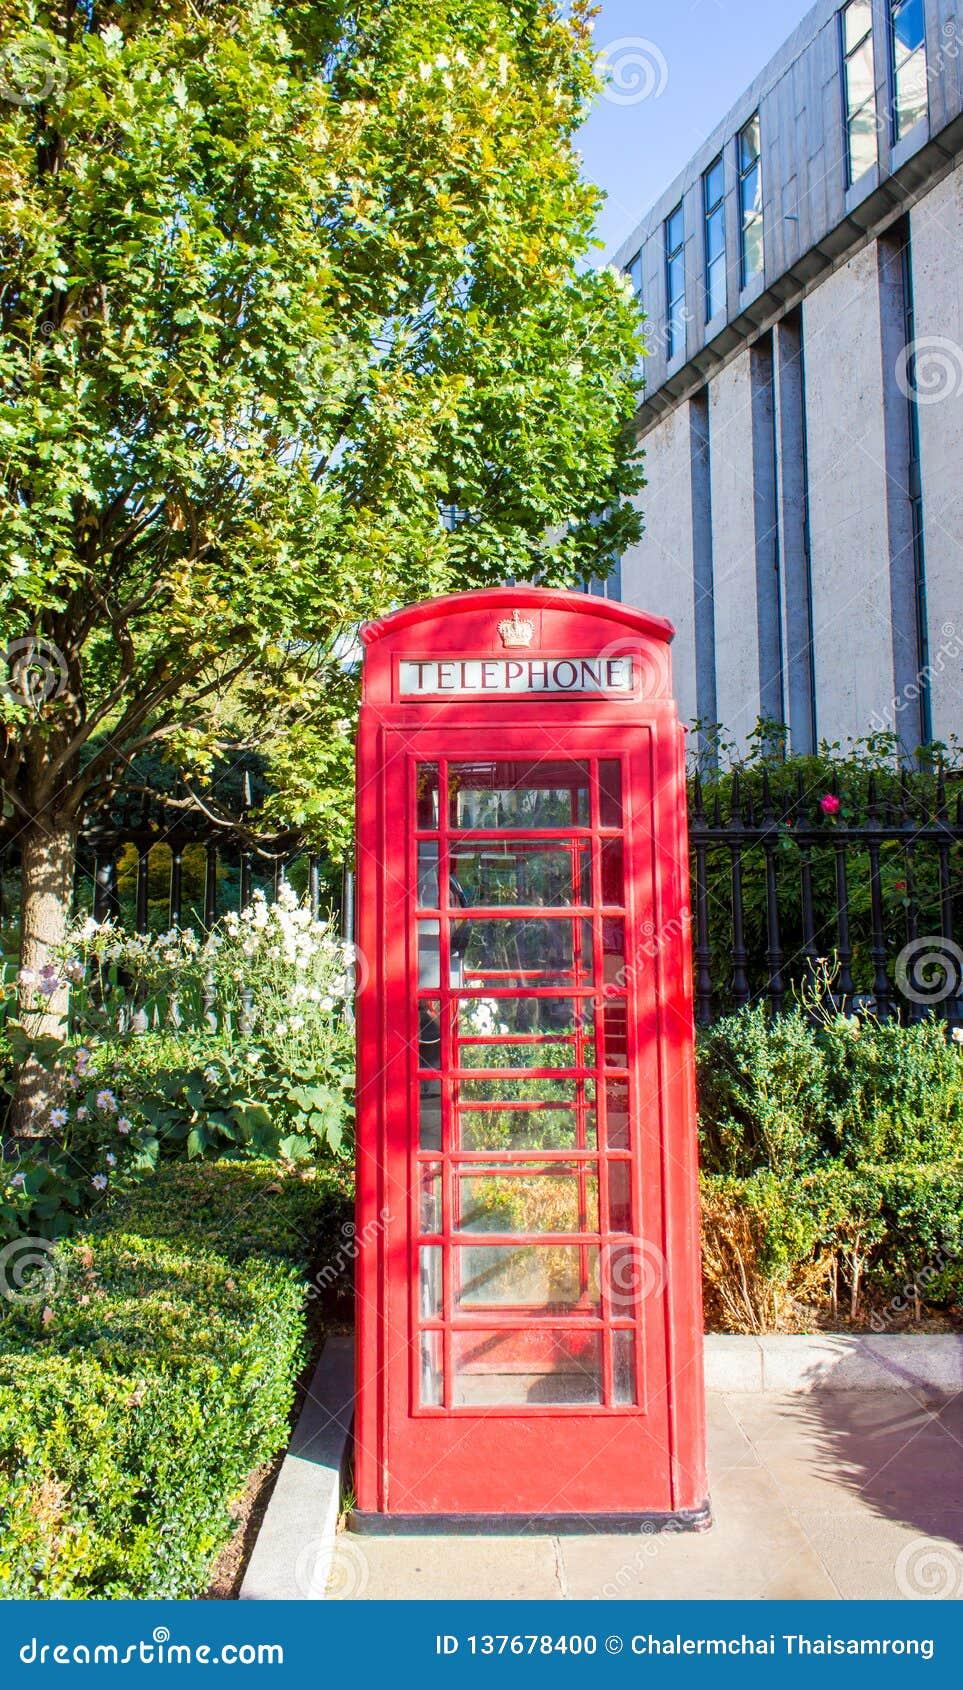 Λονδίνο, Ηνωμένο Βασίλειο - κόκκινο τηλεφωνικό κιβώτιο στο Λονδίνο